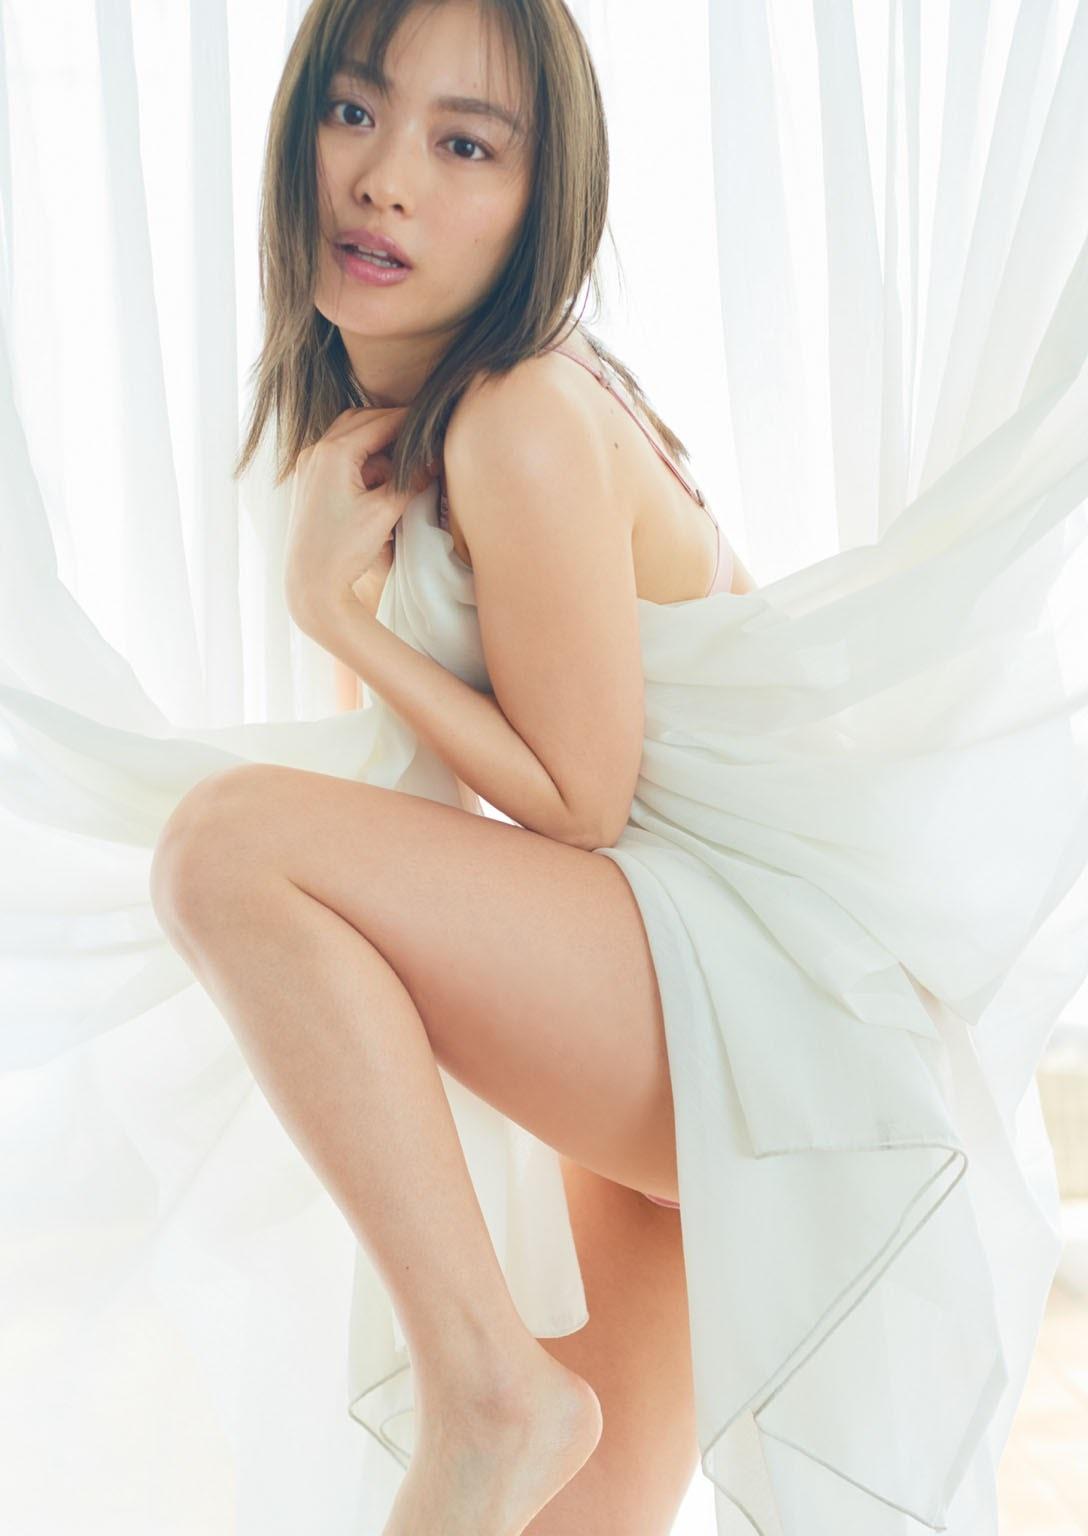 松本真理香 樱井音乃 羽柴なつみ-Weekly Playboy 2021第23期 高清套图 第37张